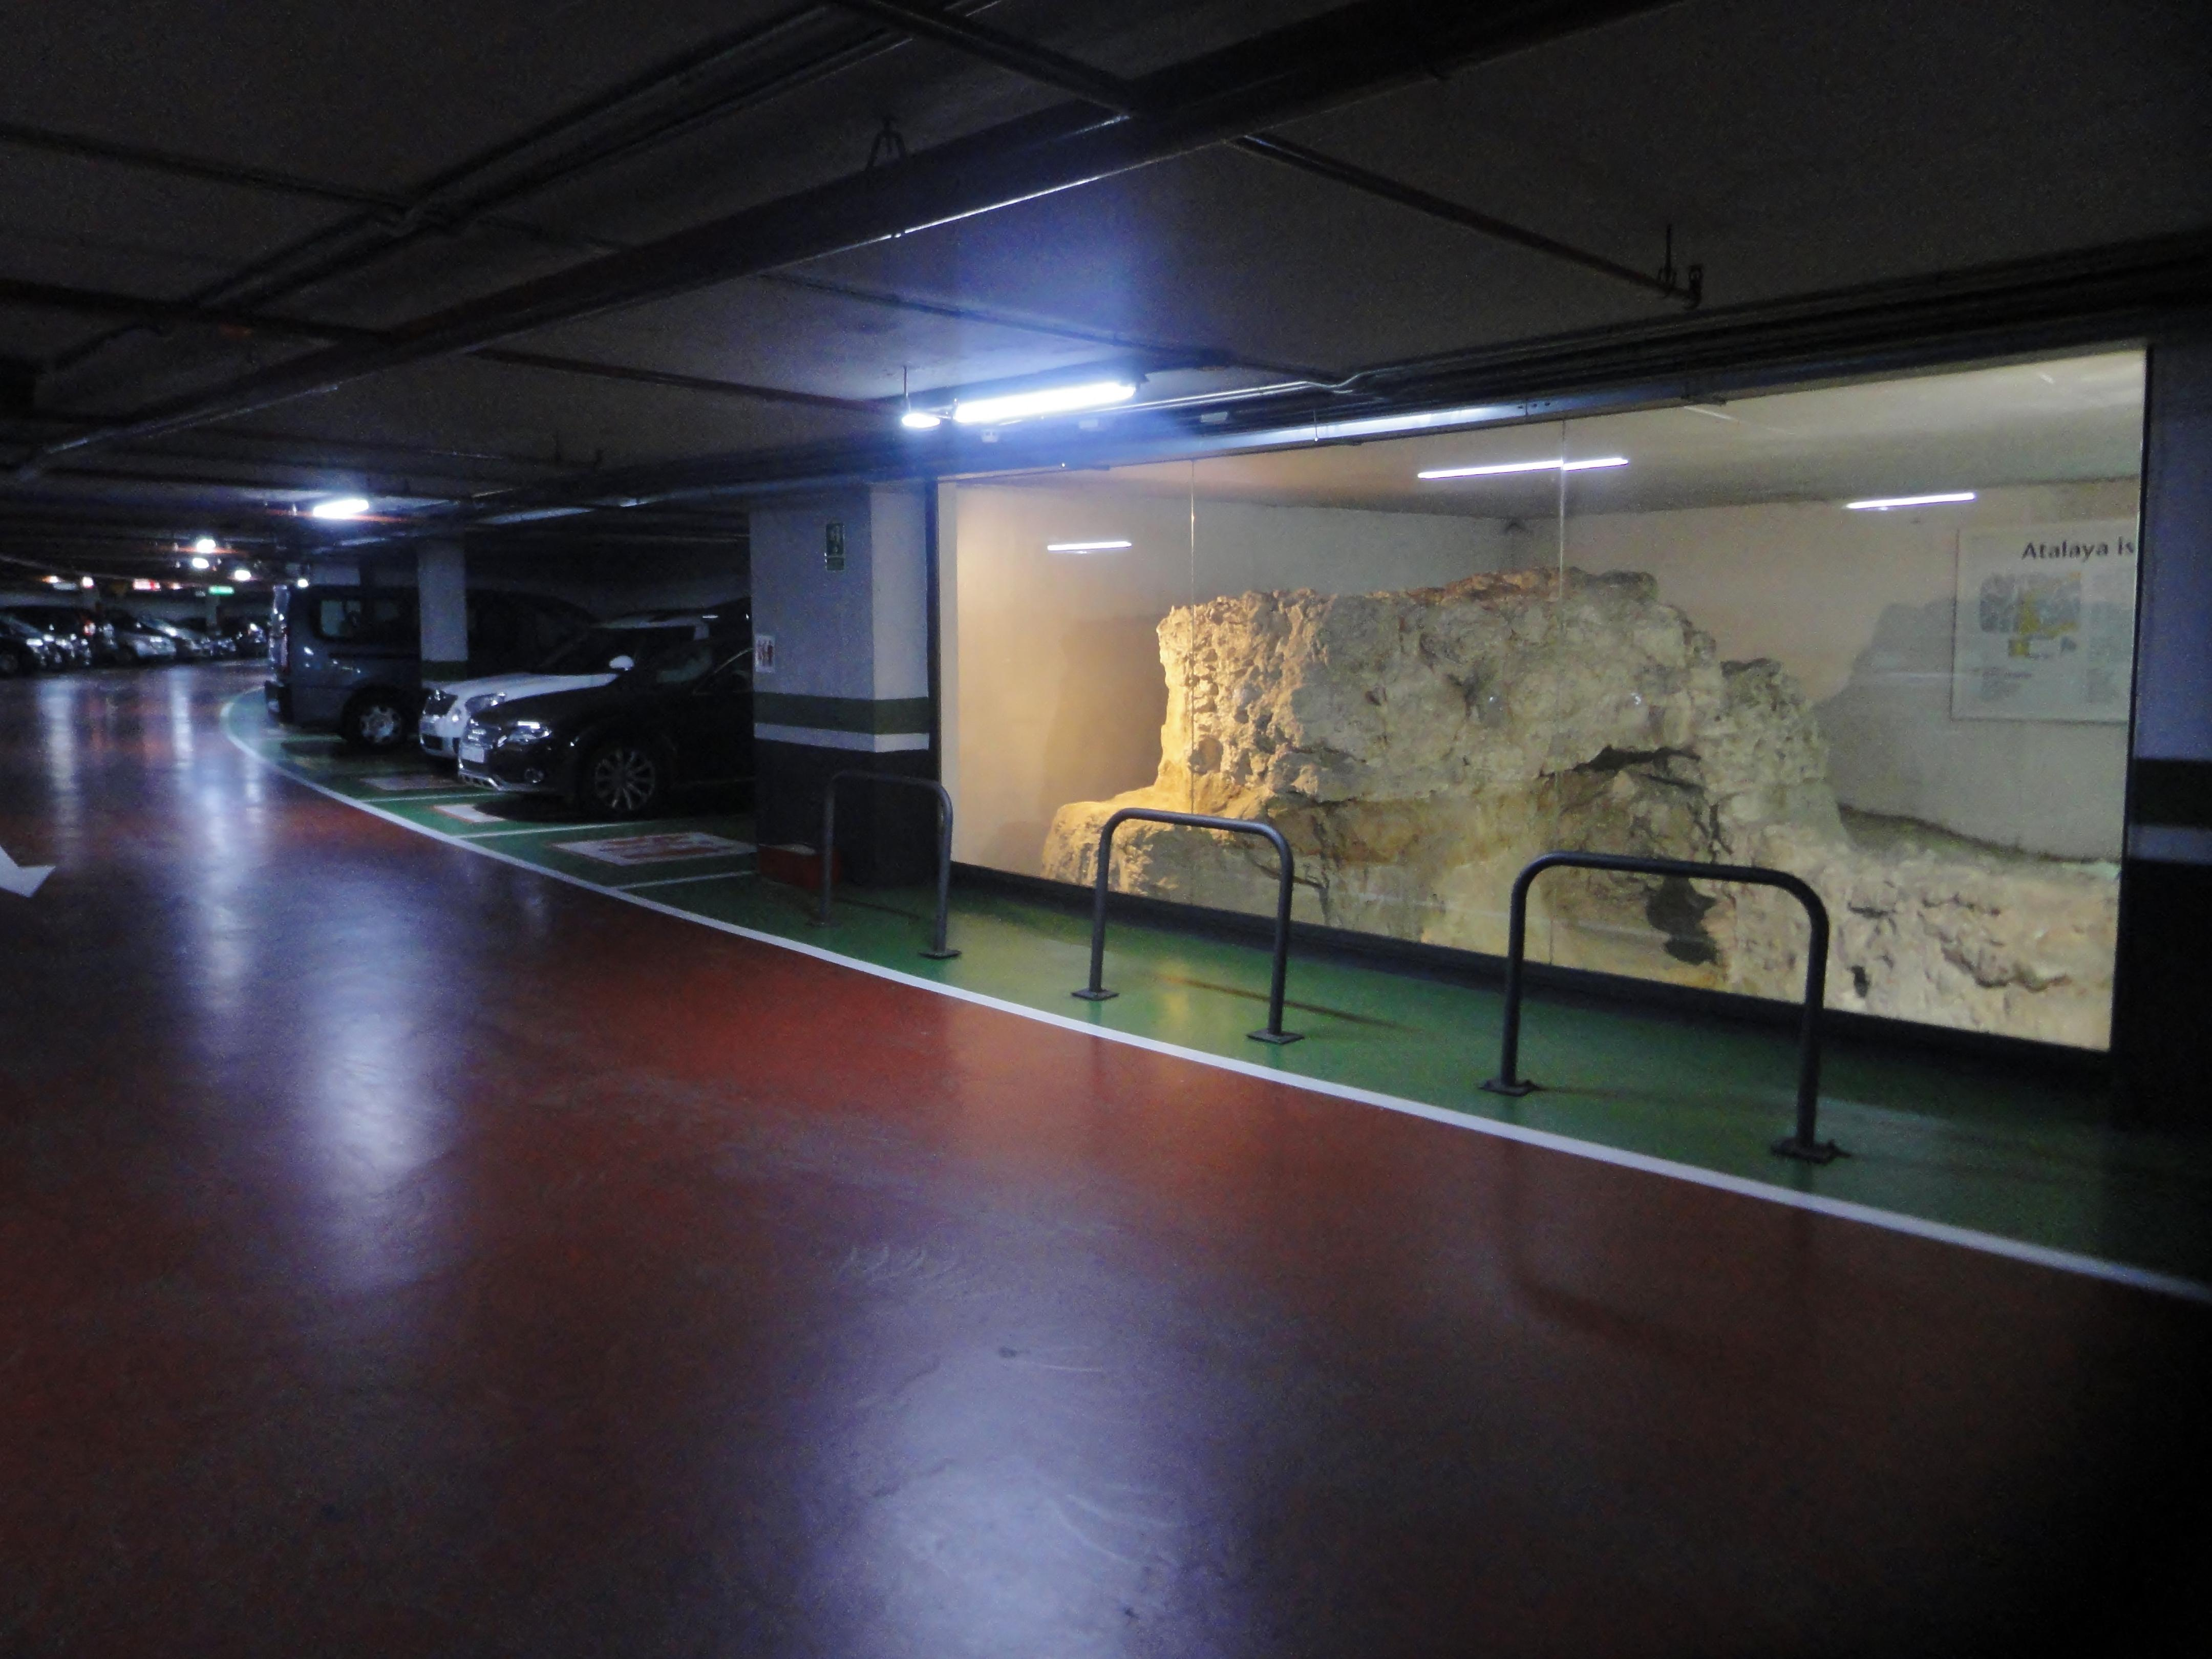 Desde este parking 10 siglos os contemplan. Tiene 10 minutos para retirar su vehículo